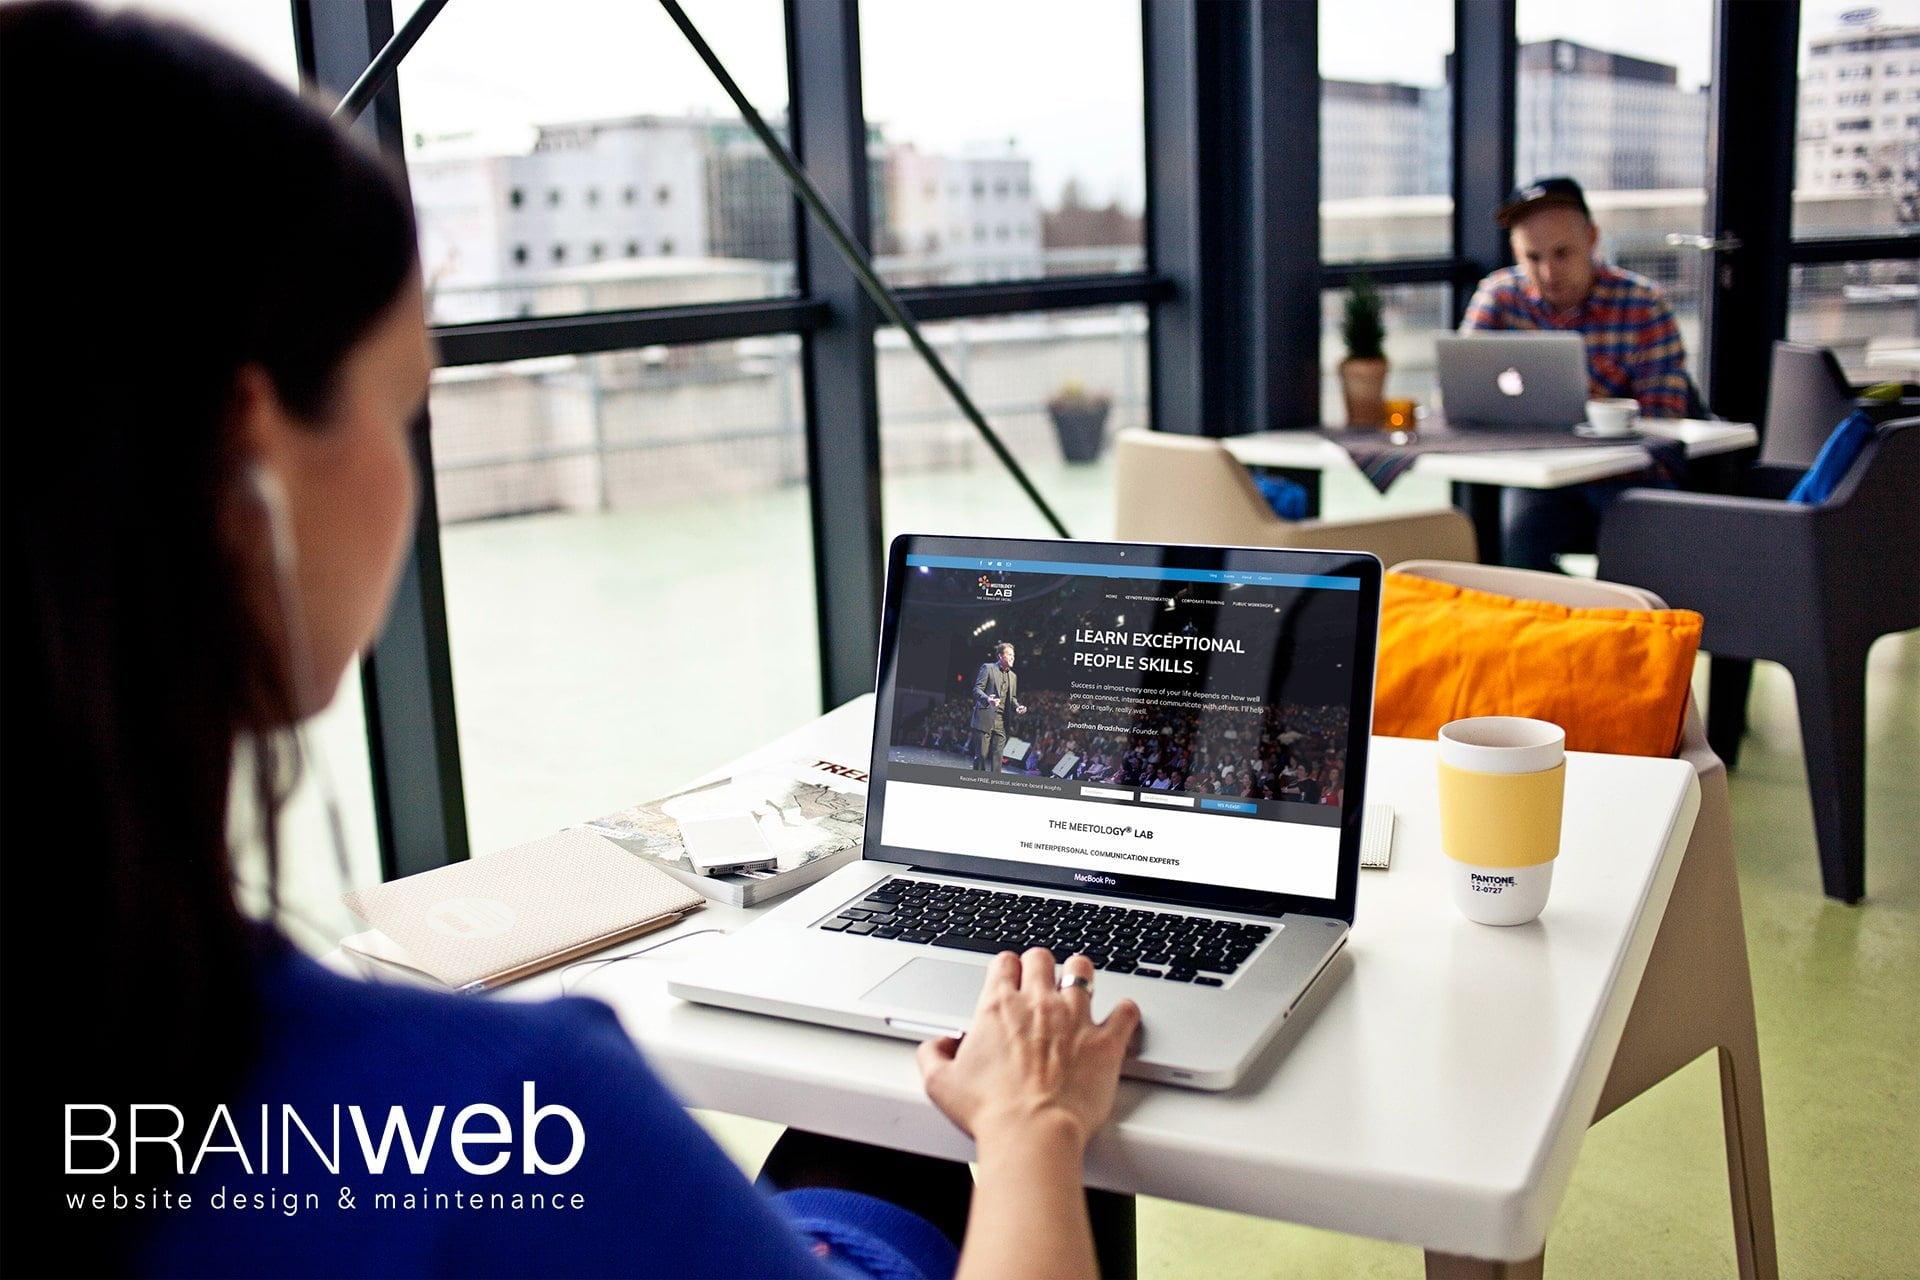 North Walsham WordPress website design